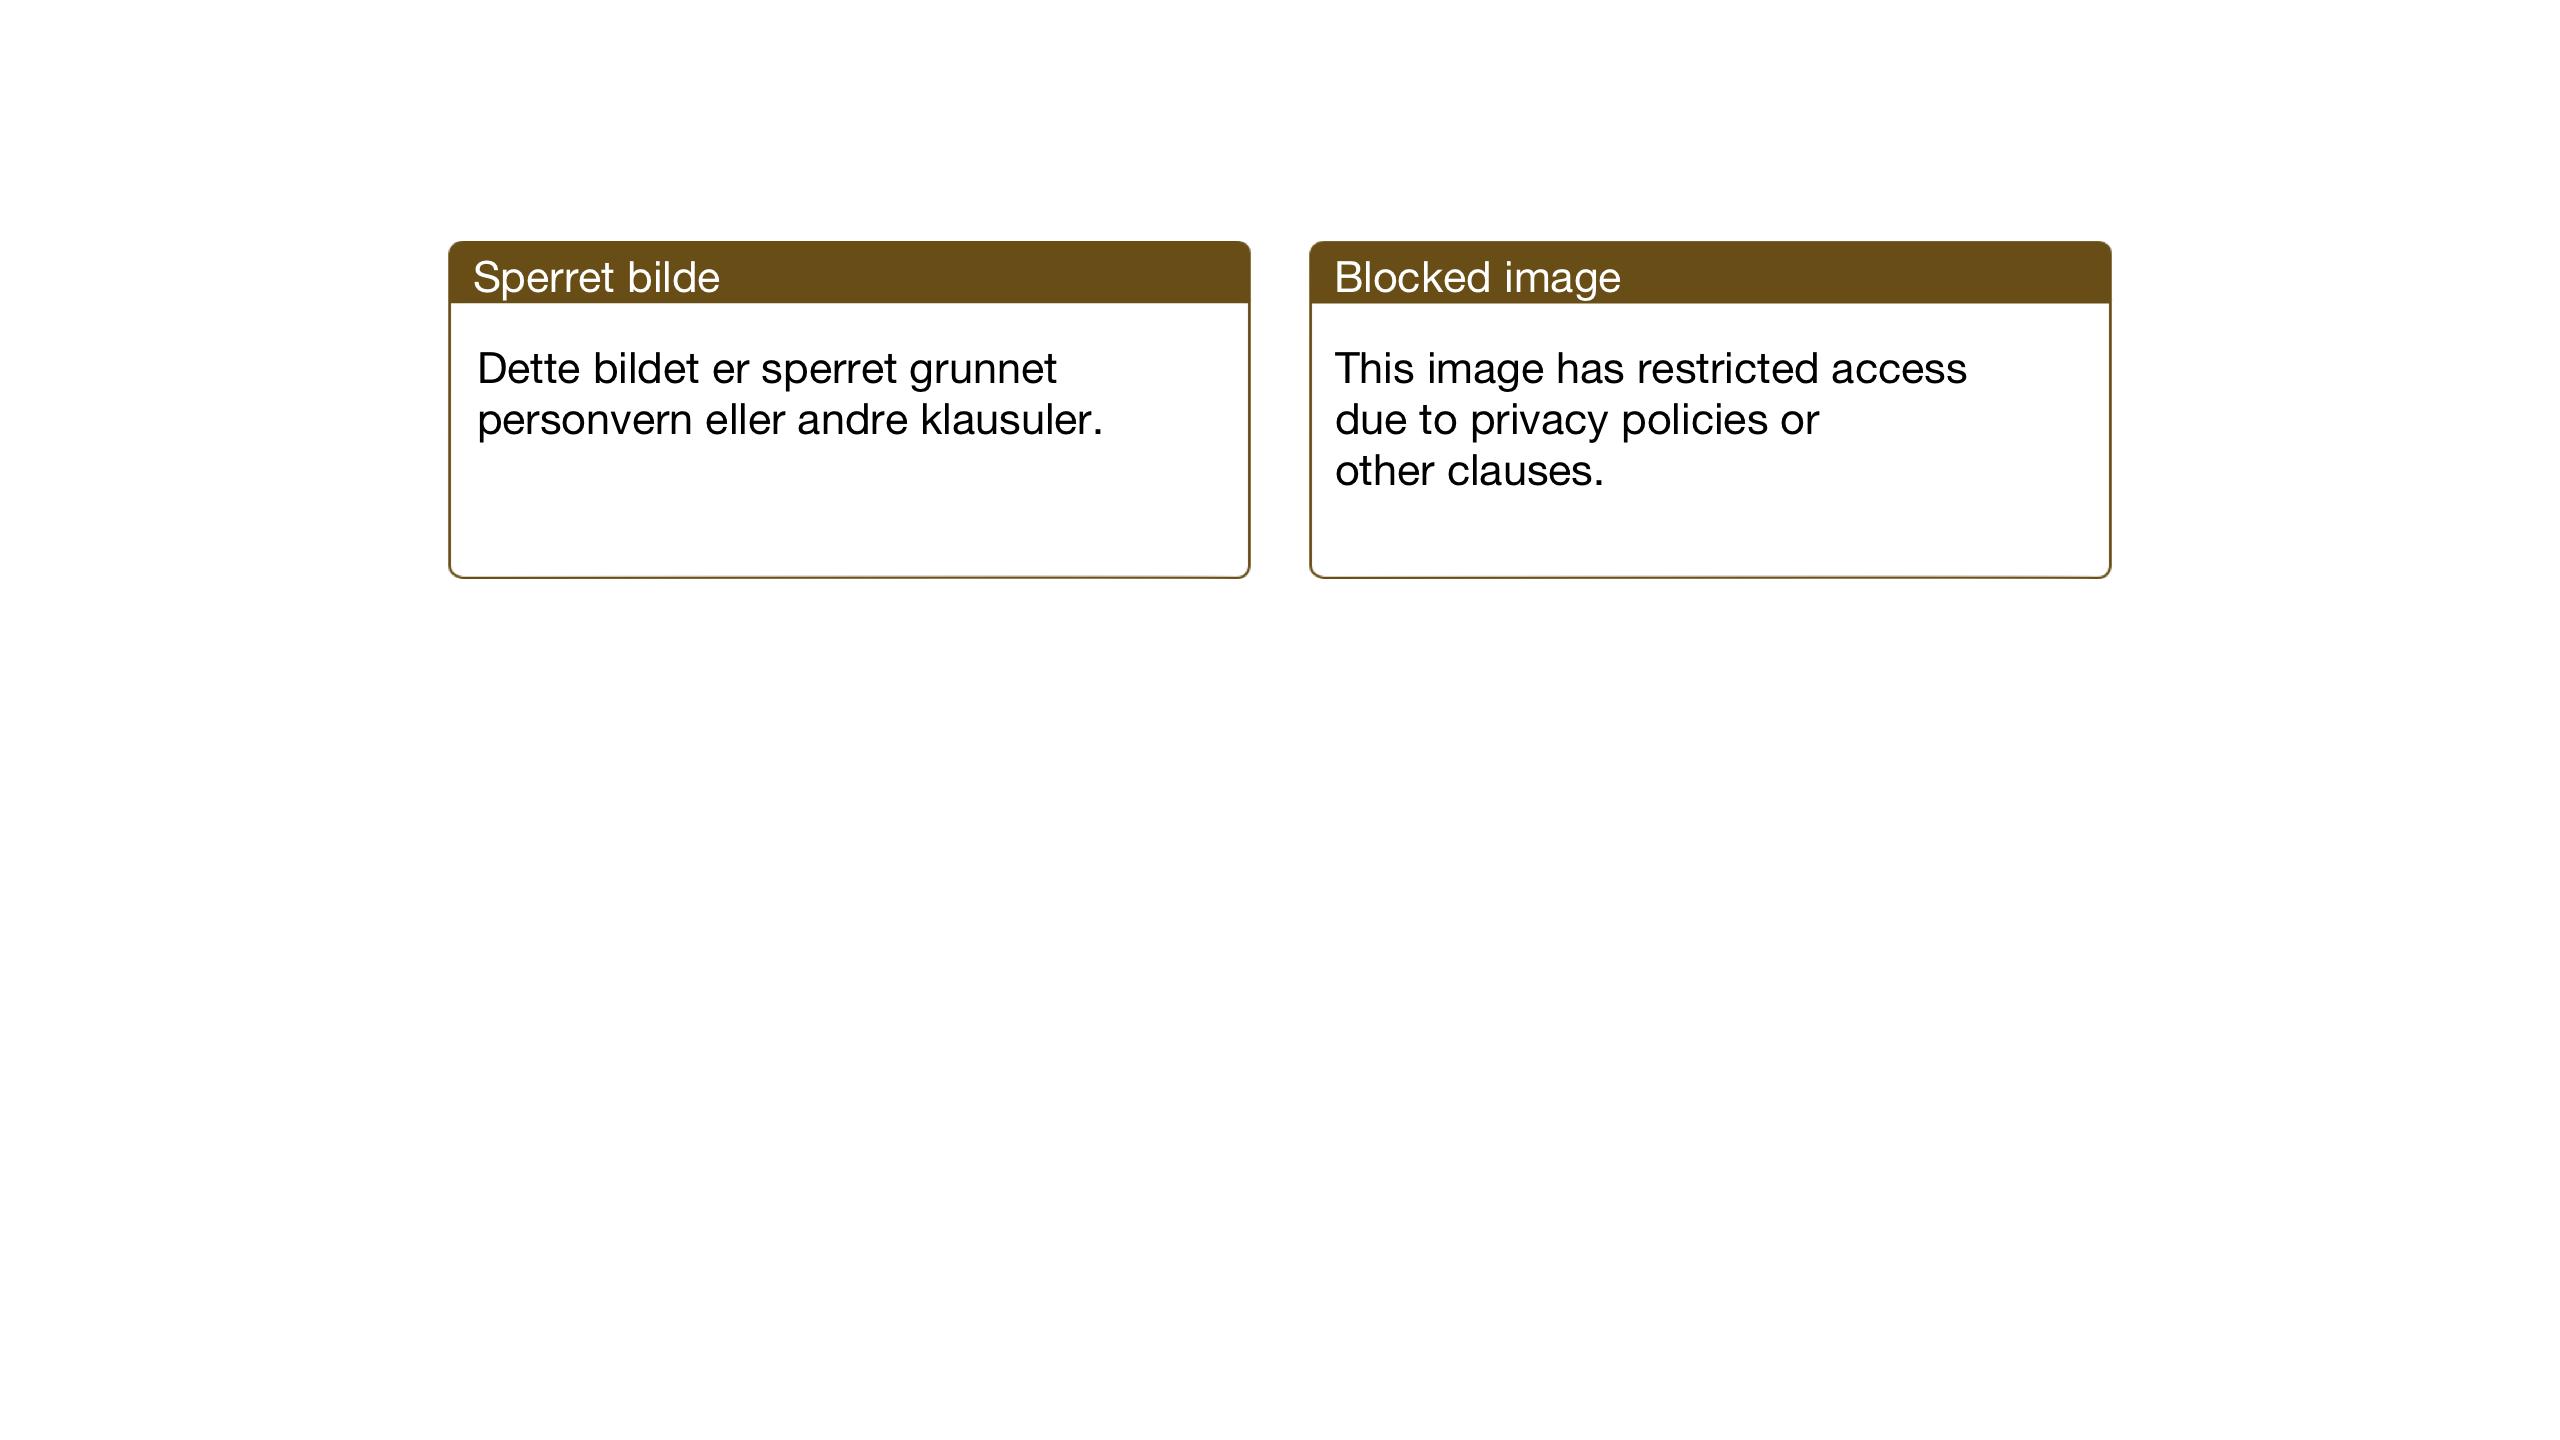 SAT, Ministerialprotokoller, klokkerbøker og fødselsregistre - Sør-Trøndelag, 667/L0799: Klokkerbok nr. 667C04, 1929-1950, s. 24